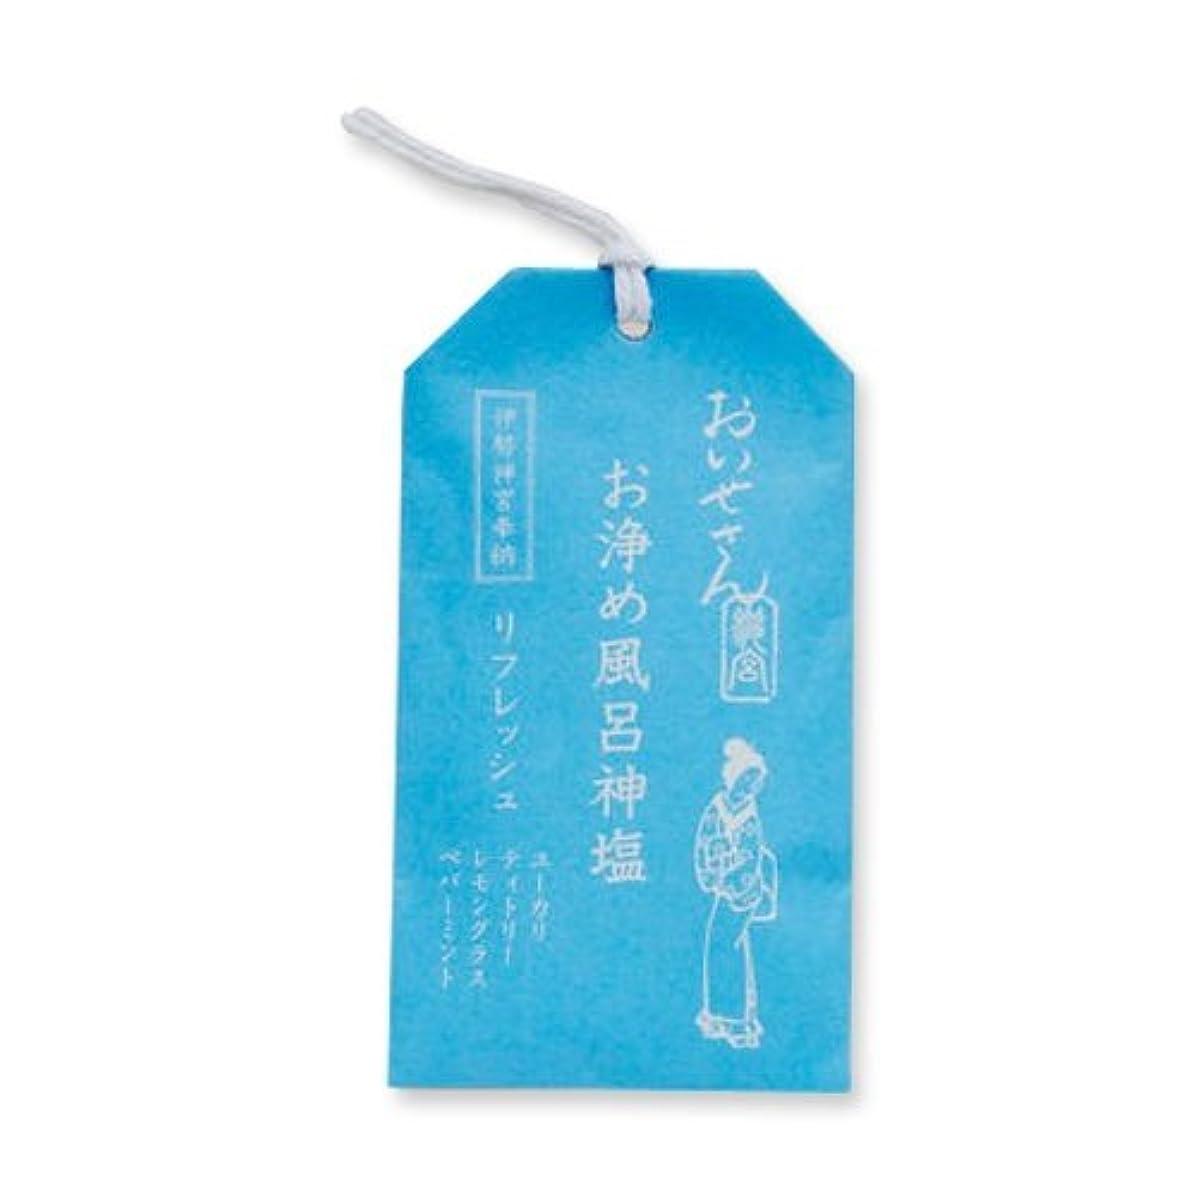 請求キリマンジャロソートおいせさん お浄め風呂神塩 バス用ソルト(リフレッシュ) 20g